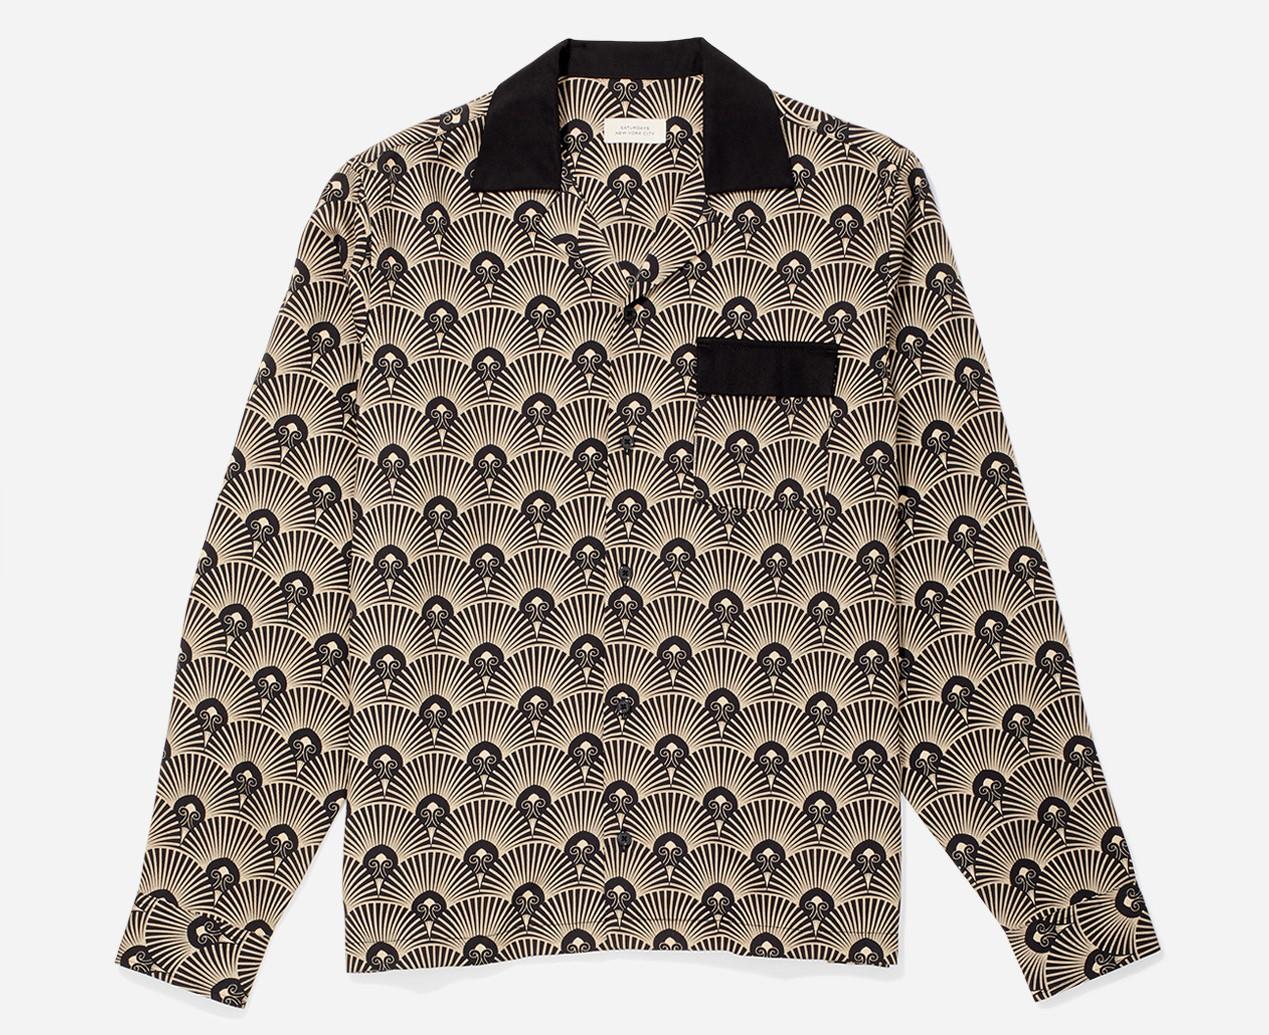 月刊ザテレビジョン 松本潤 衣装 Diego Deco Long Sleeve Shirt